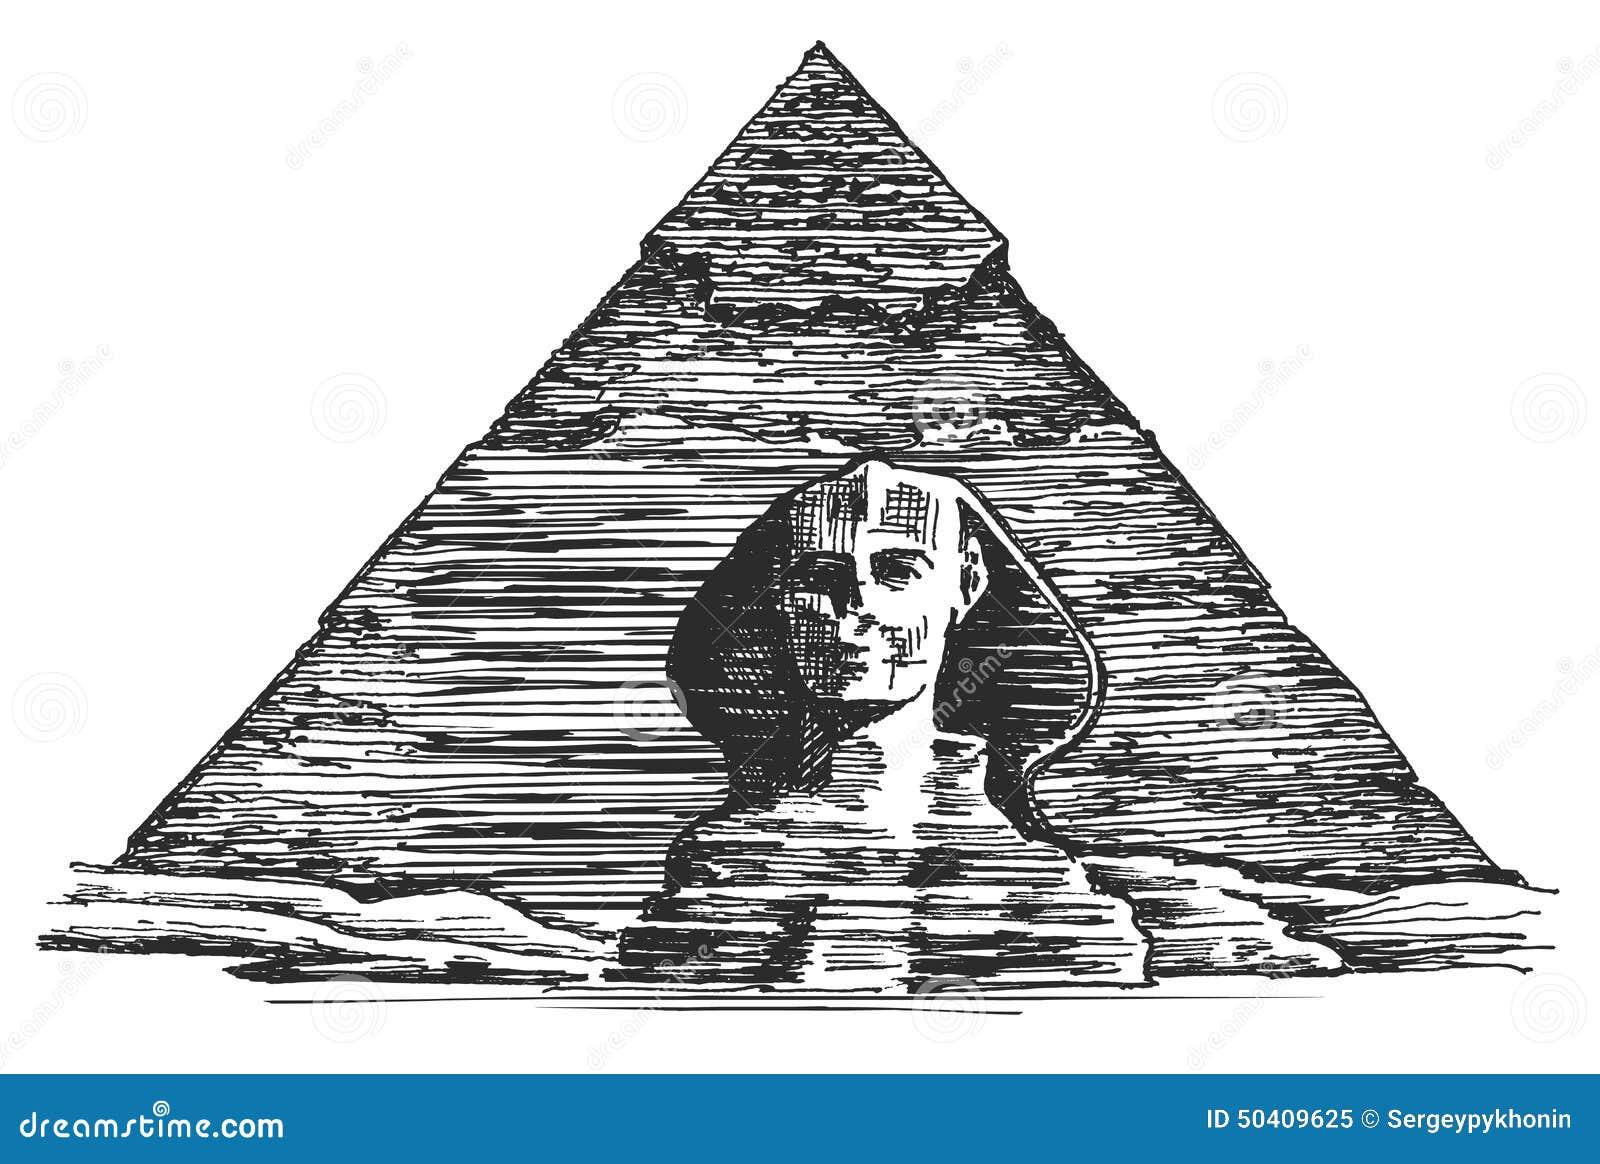 Interior Design Of Egyptian Pyramids